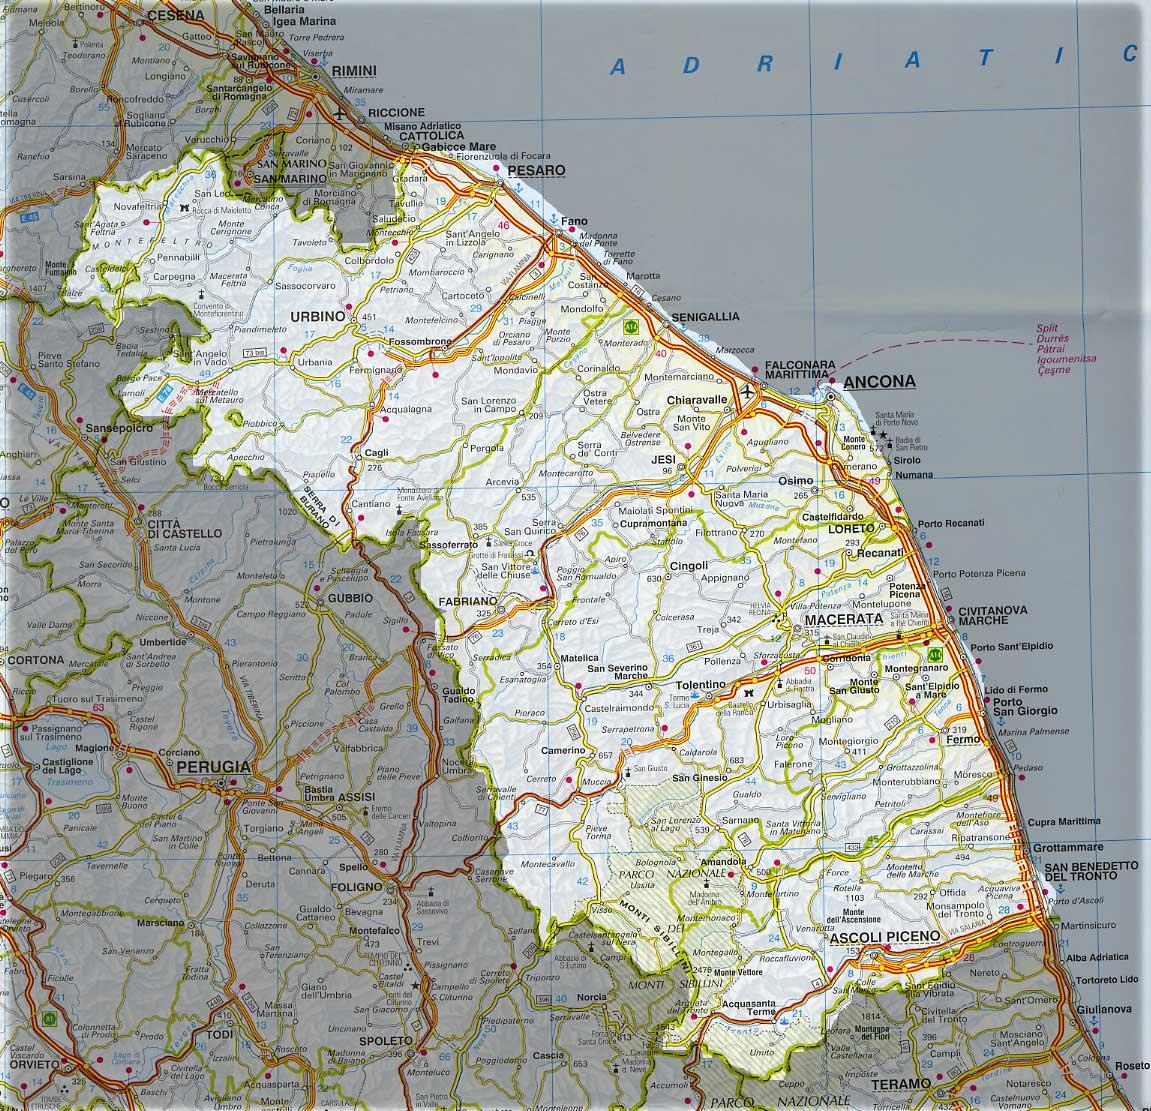 Cartina Politica Regione Marche.La Regione Marche Chiede Un Impegno Al Governo Sul Fine Vita Eutanasia Legale Associazione Luca Coscioni